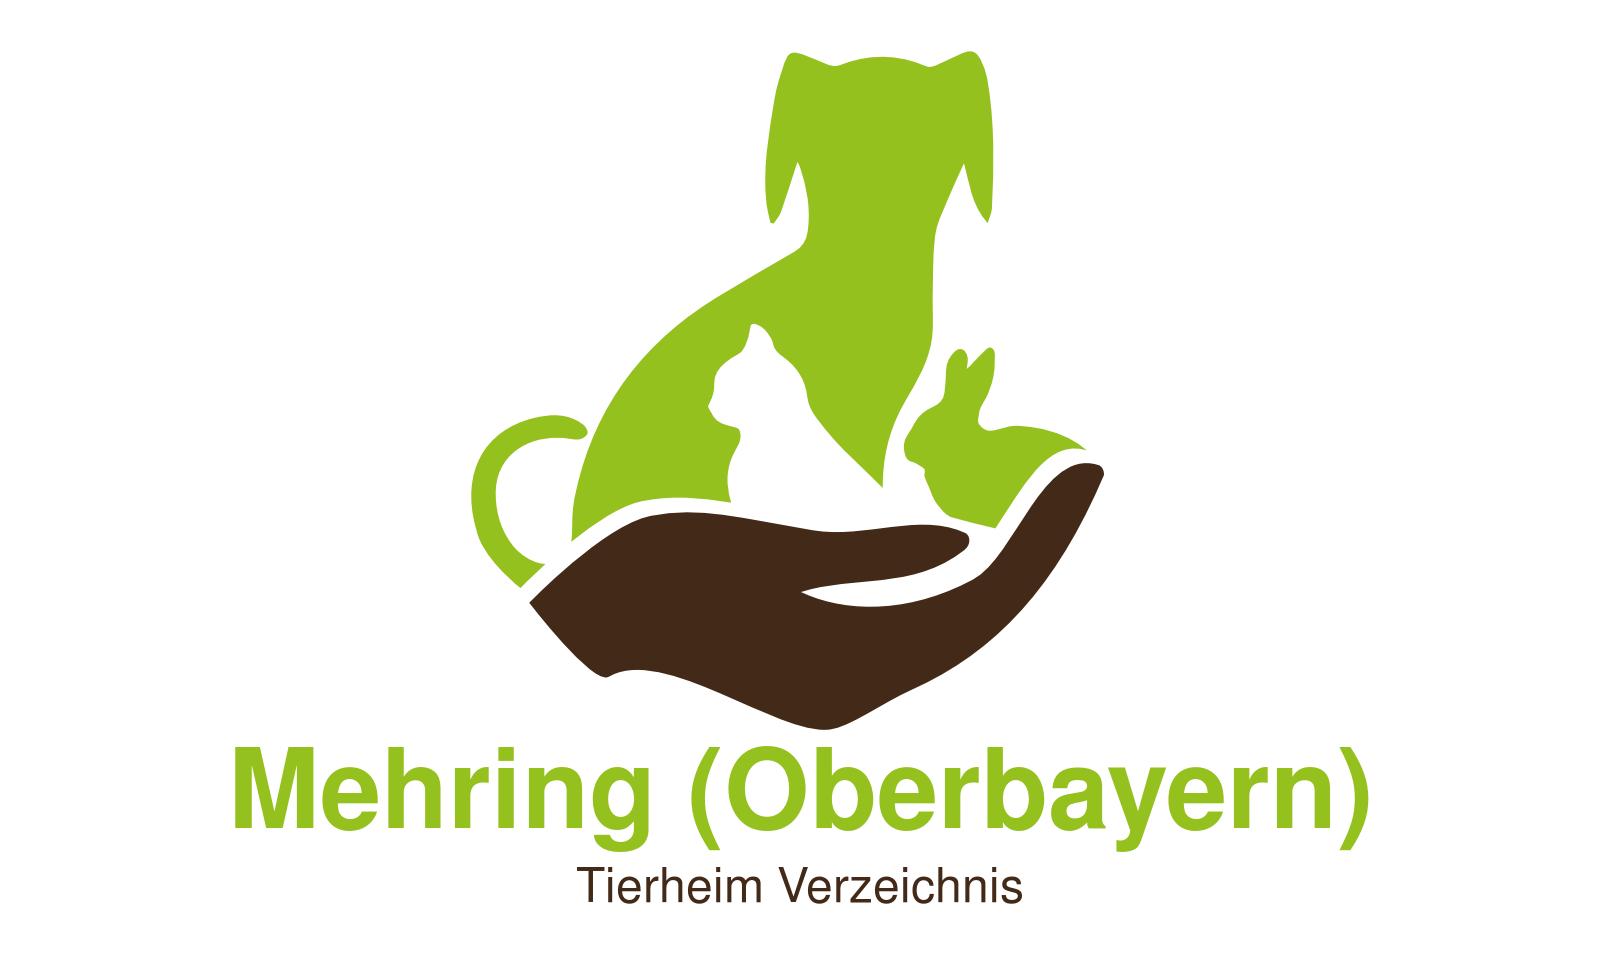 Tierheim Mehring (Oberbayern)